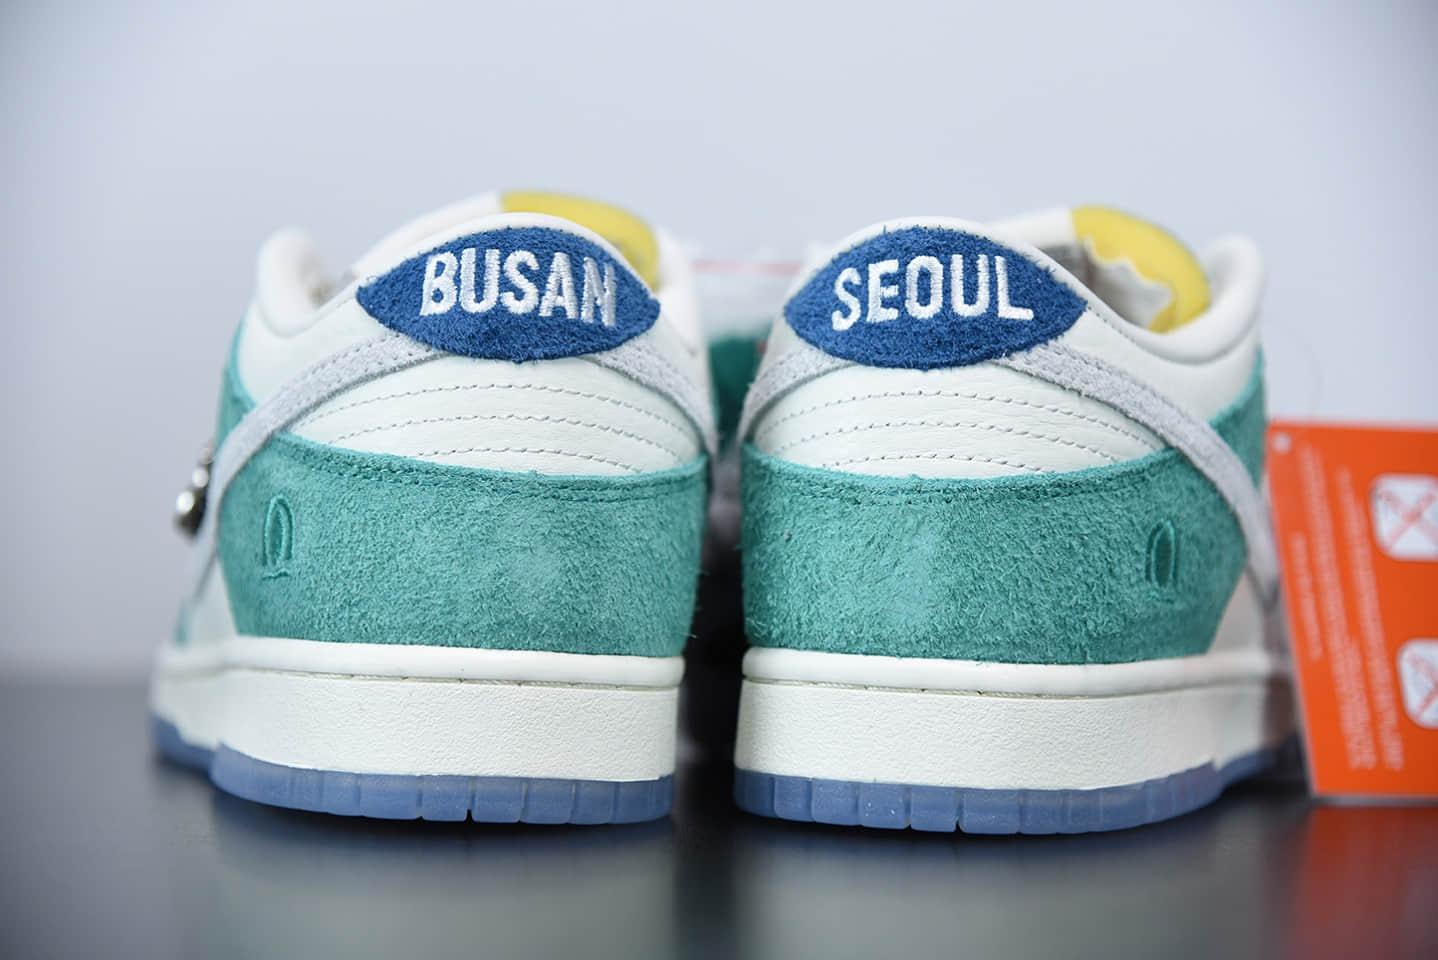 耐克Nike Dunk Road Sign 涡轮绿蒂夫尼韩国限定低帮板鞋纯原版本 货号:CZ6501-101